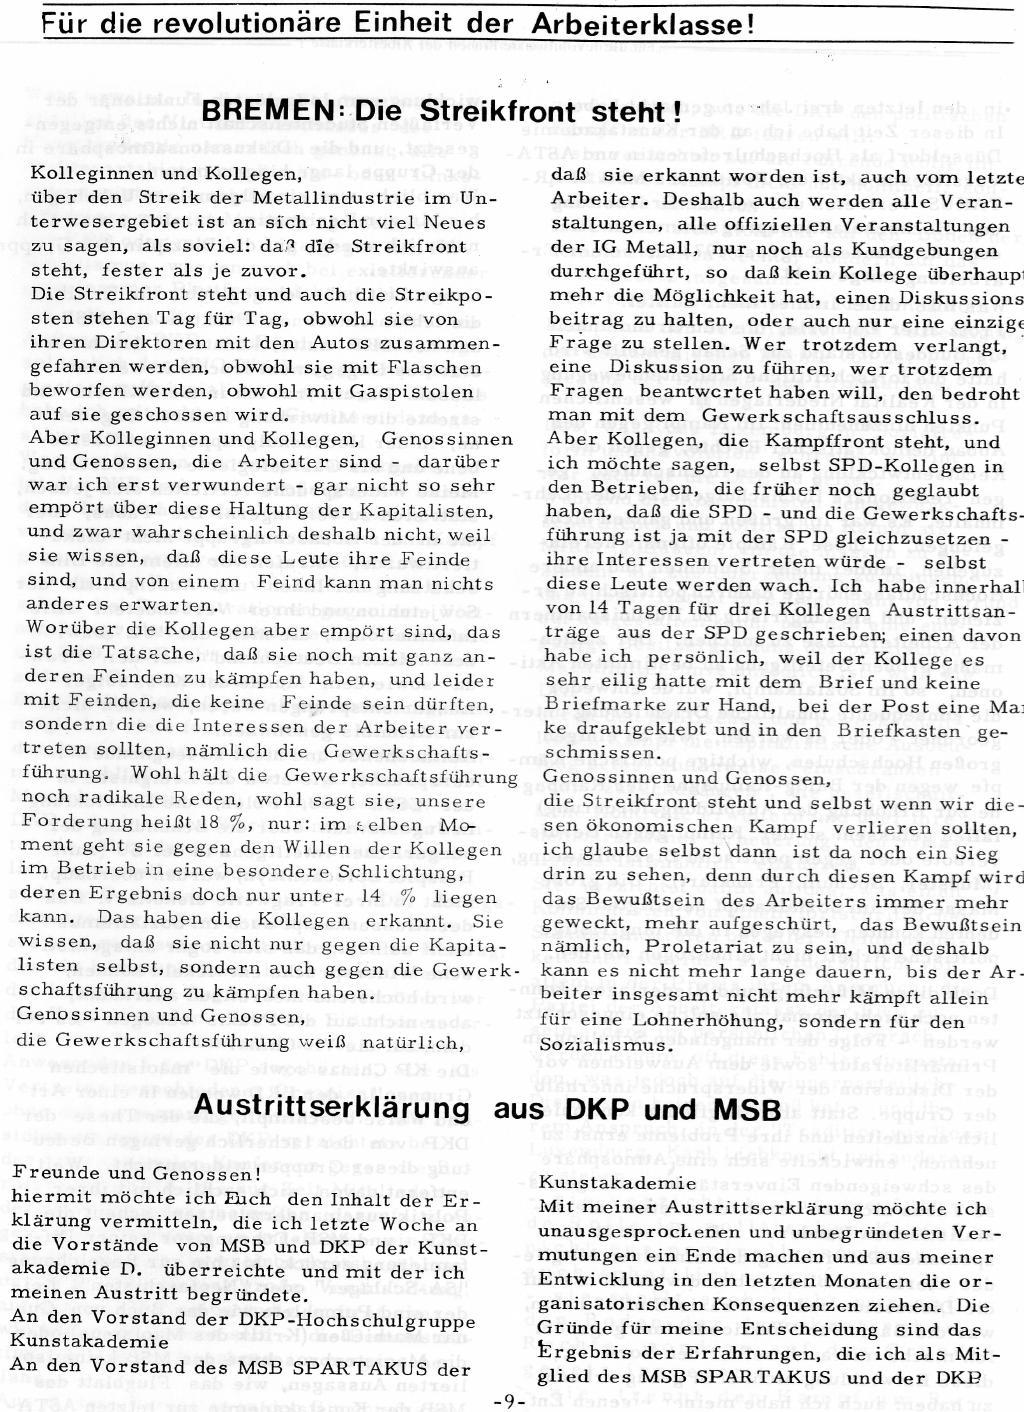 RPK_1974_12_12